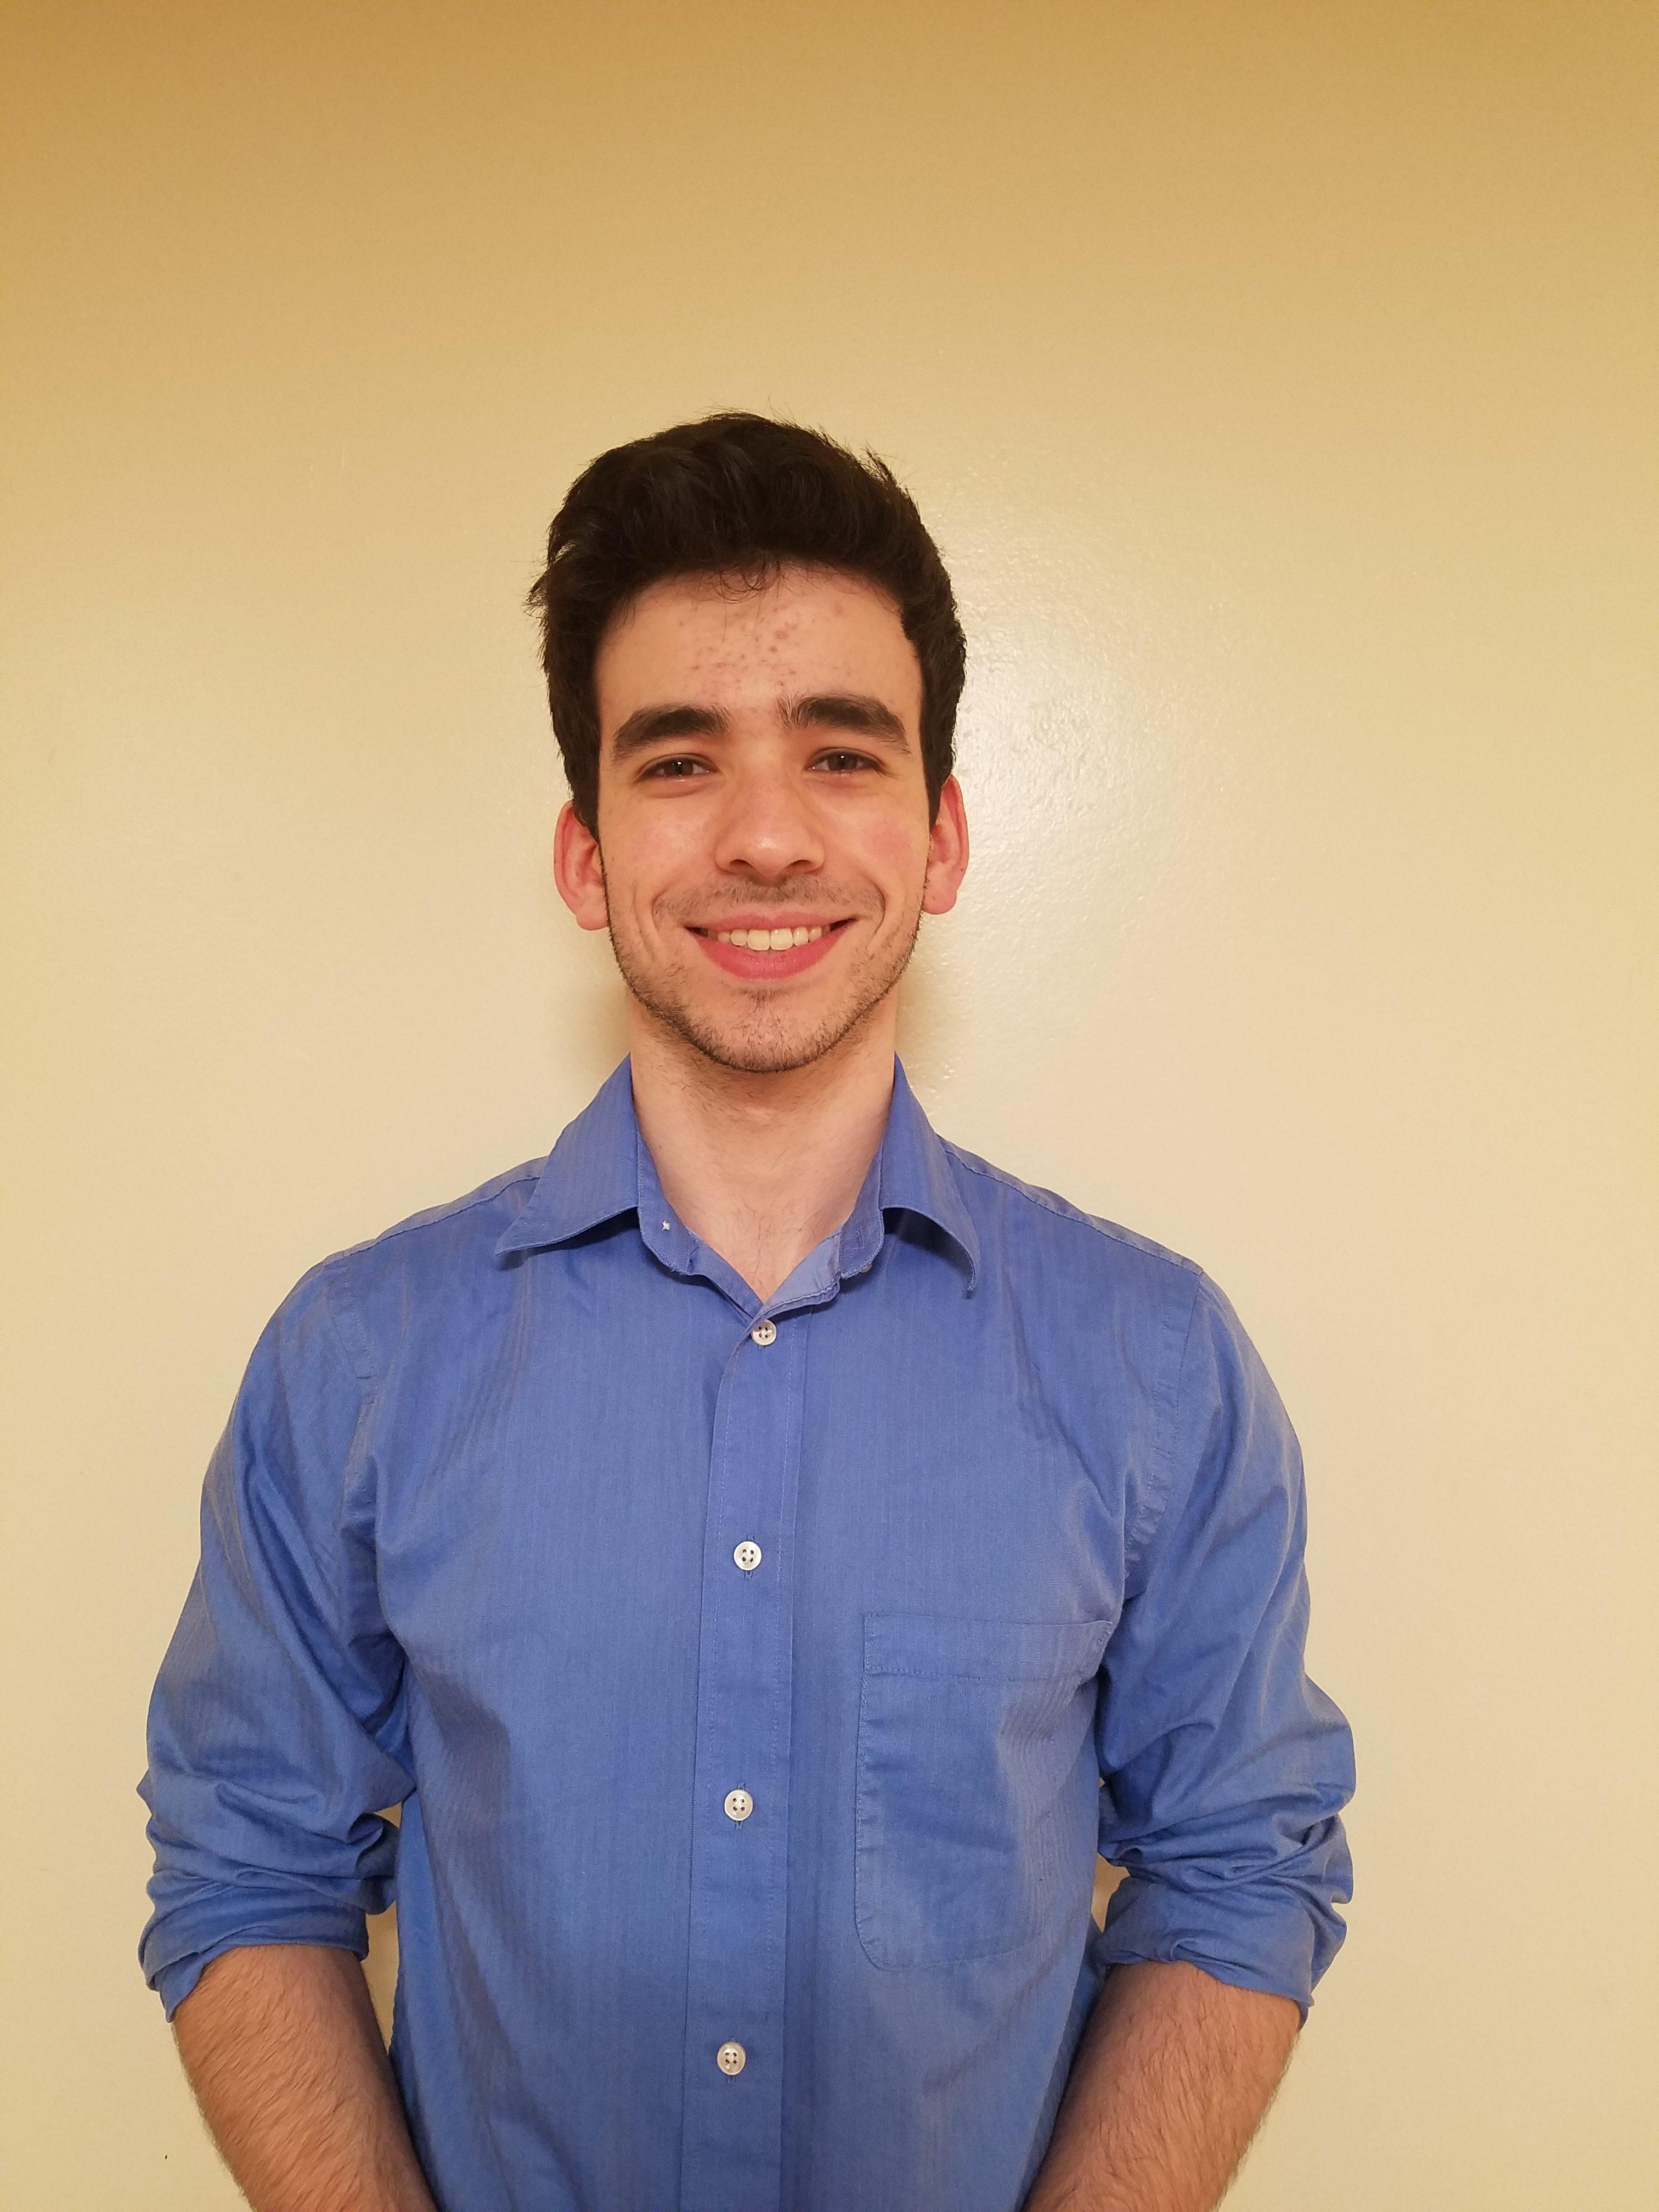 Josh Mednick